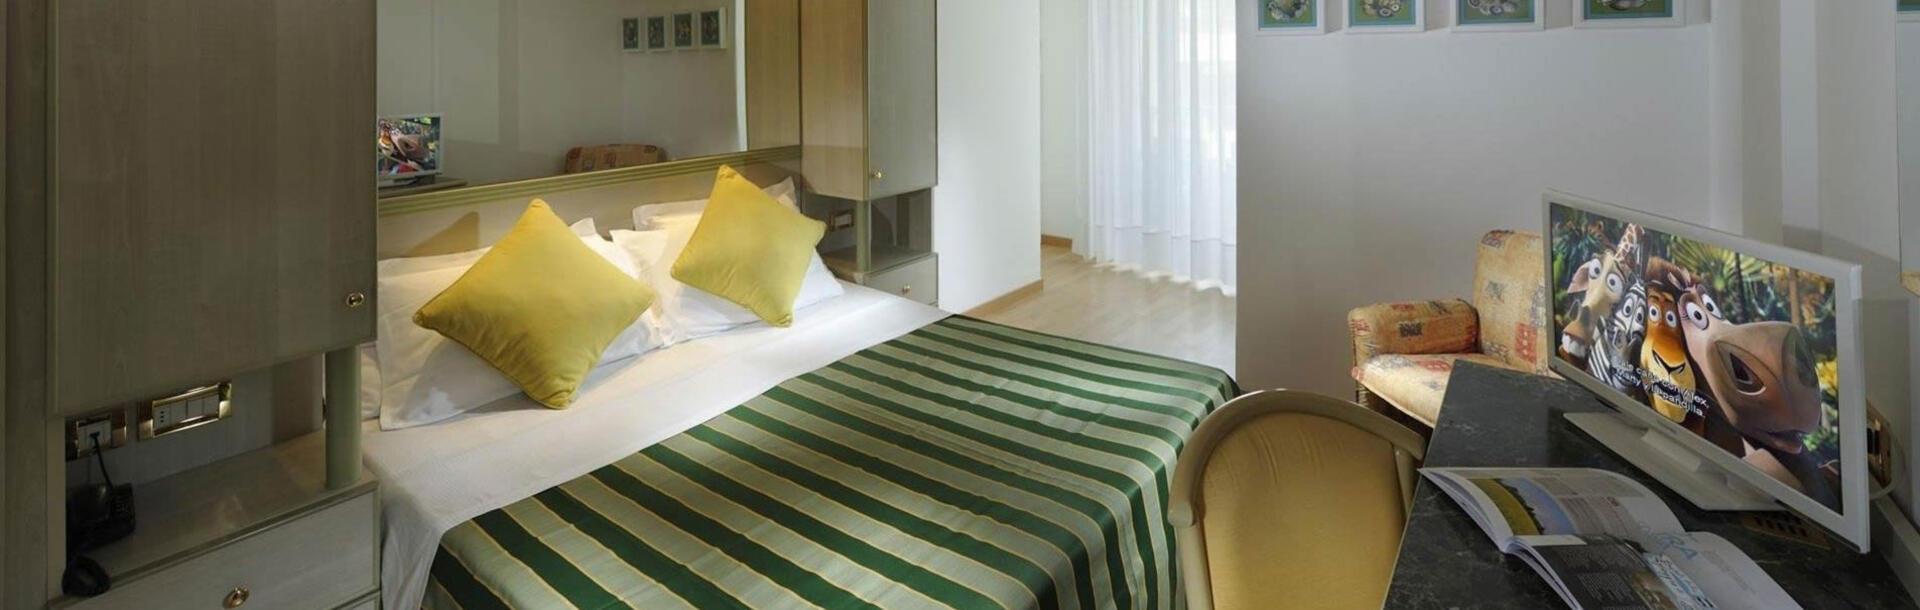 hotel-montecarlo en connecting-family-room 014